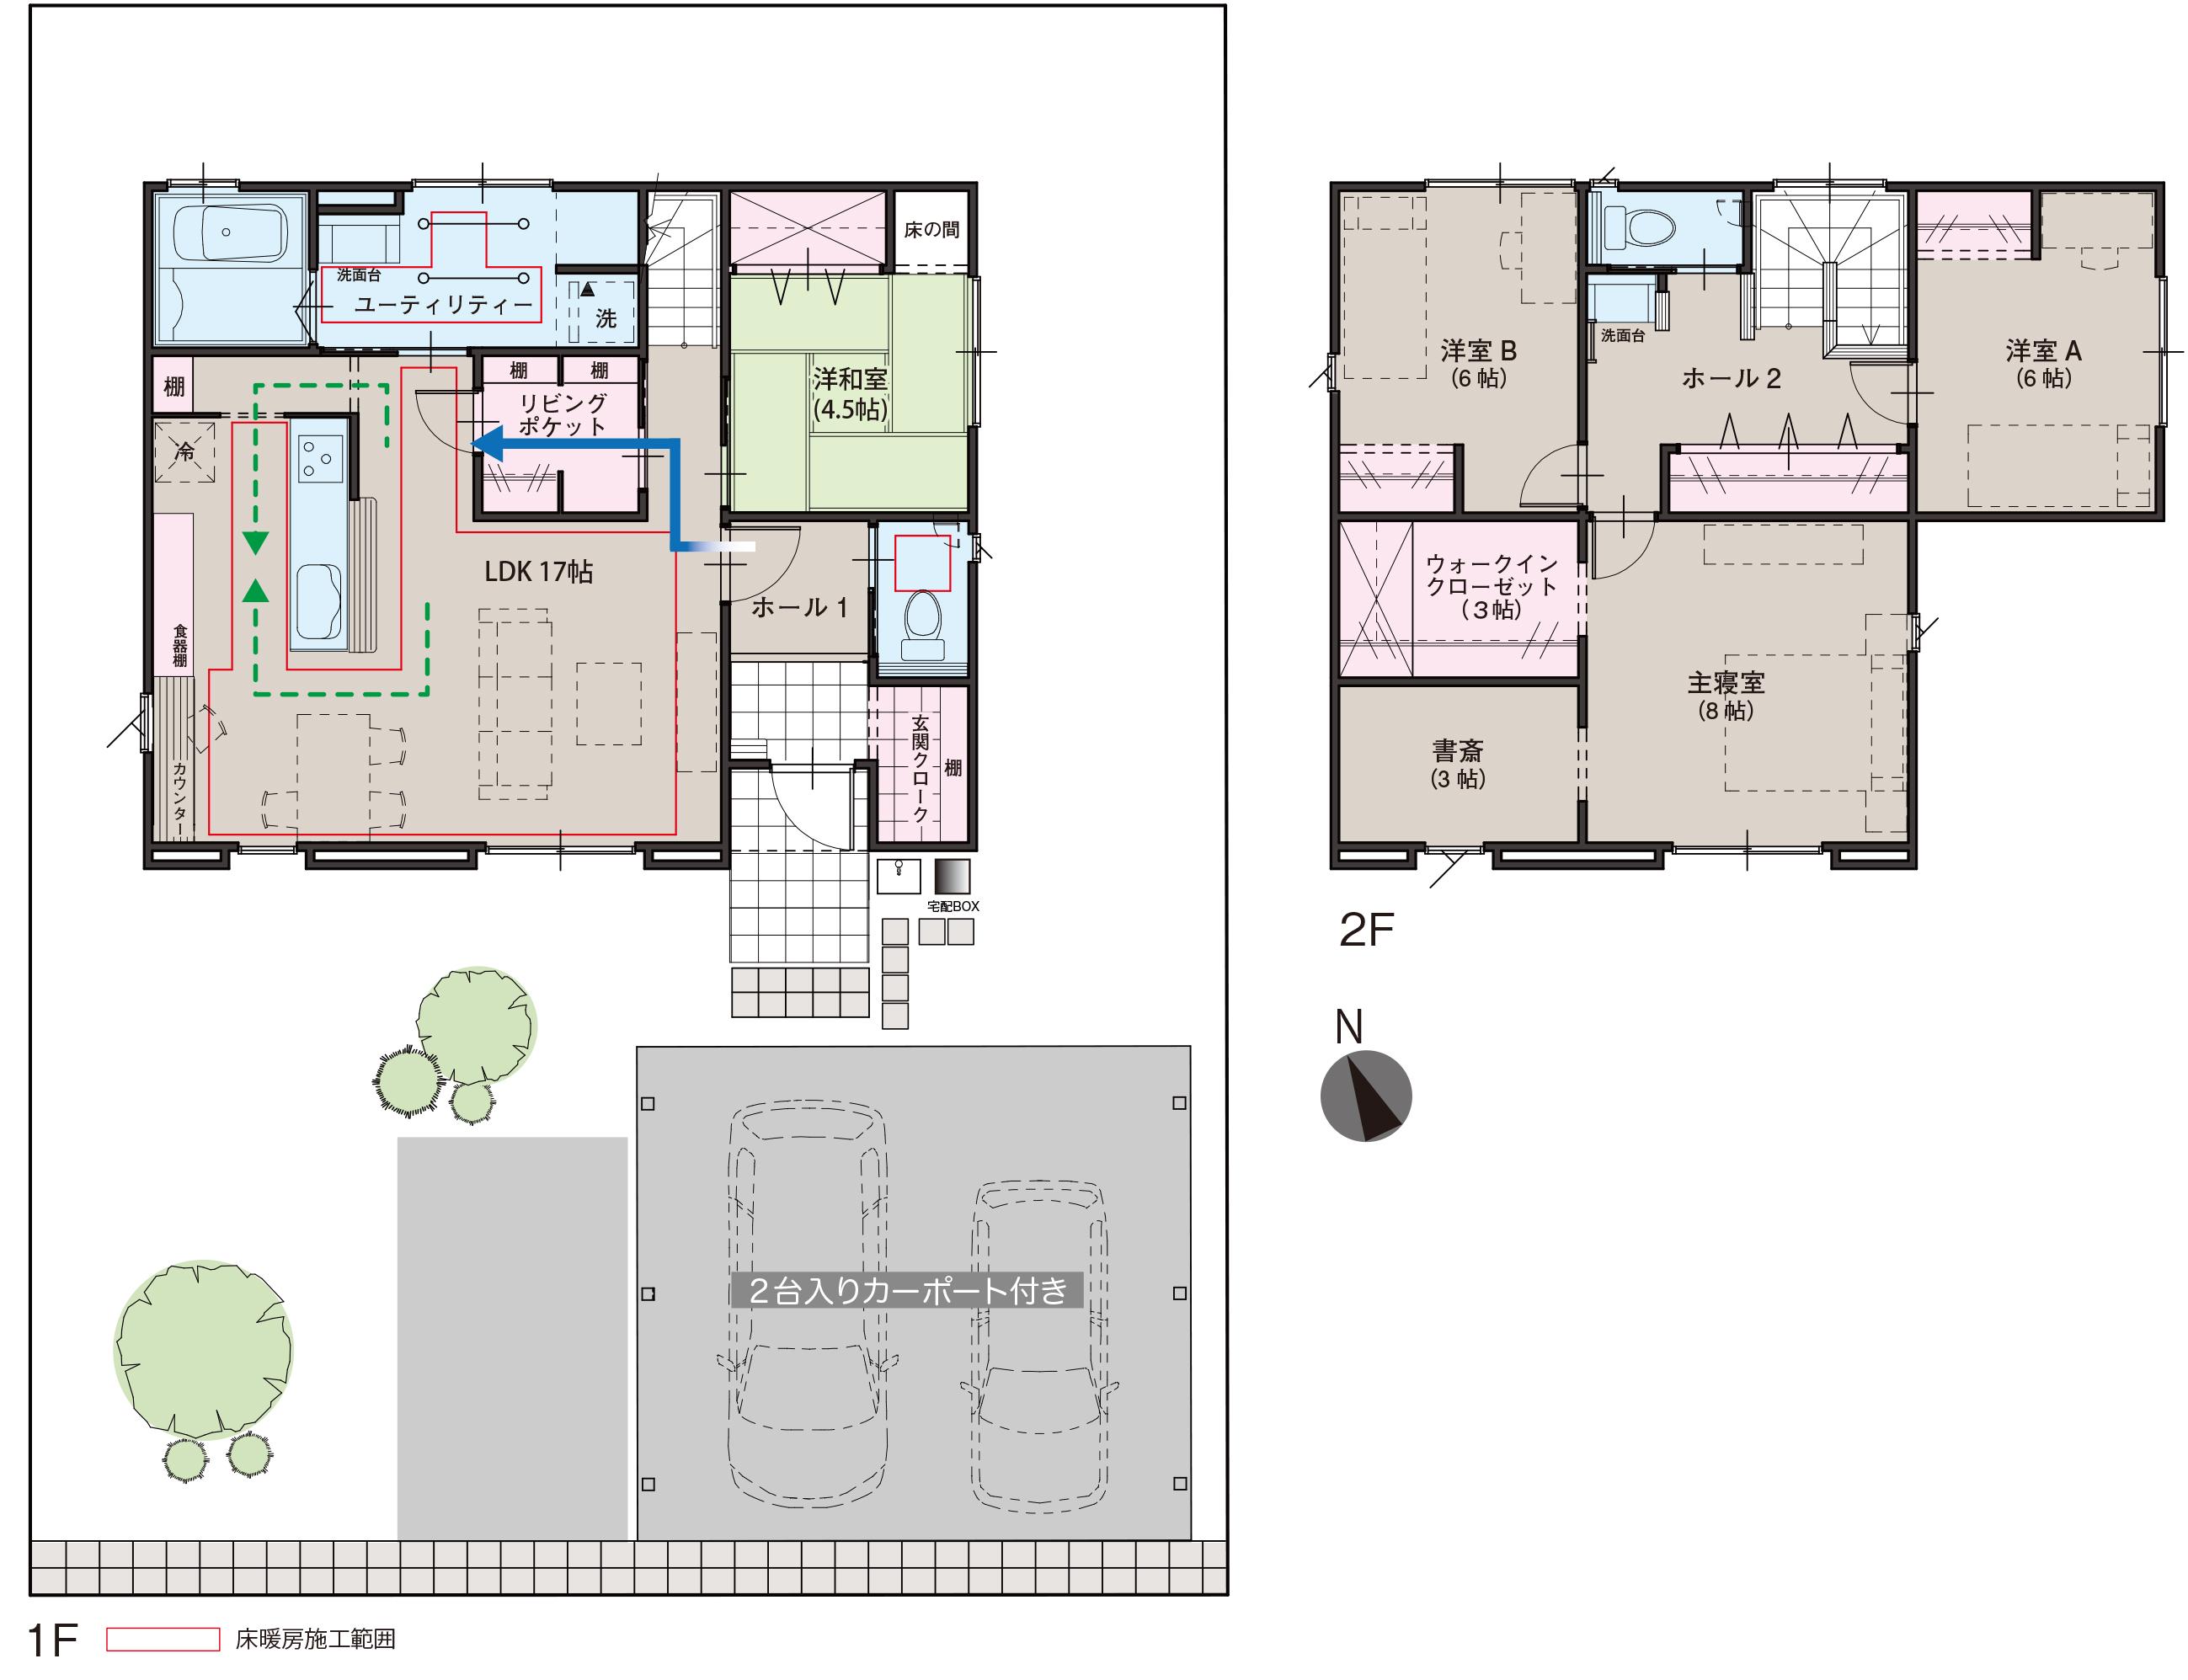 滑川市上小泉の4SLDK・新築不動産住宅を販売中!|Co.マチ滑川上小泉F10|リビングポケットで収納充実の間取り